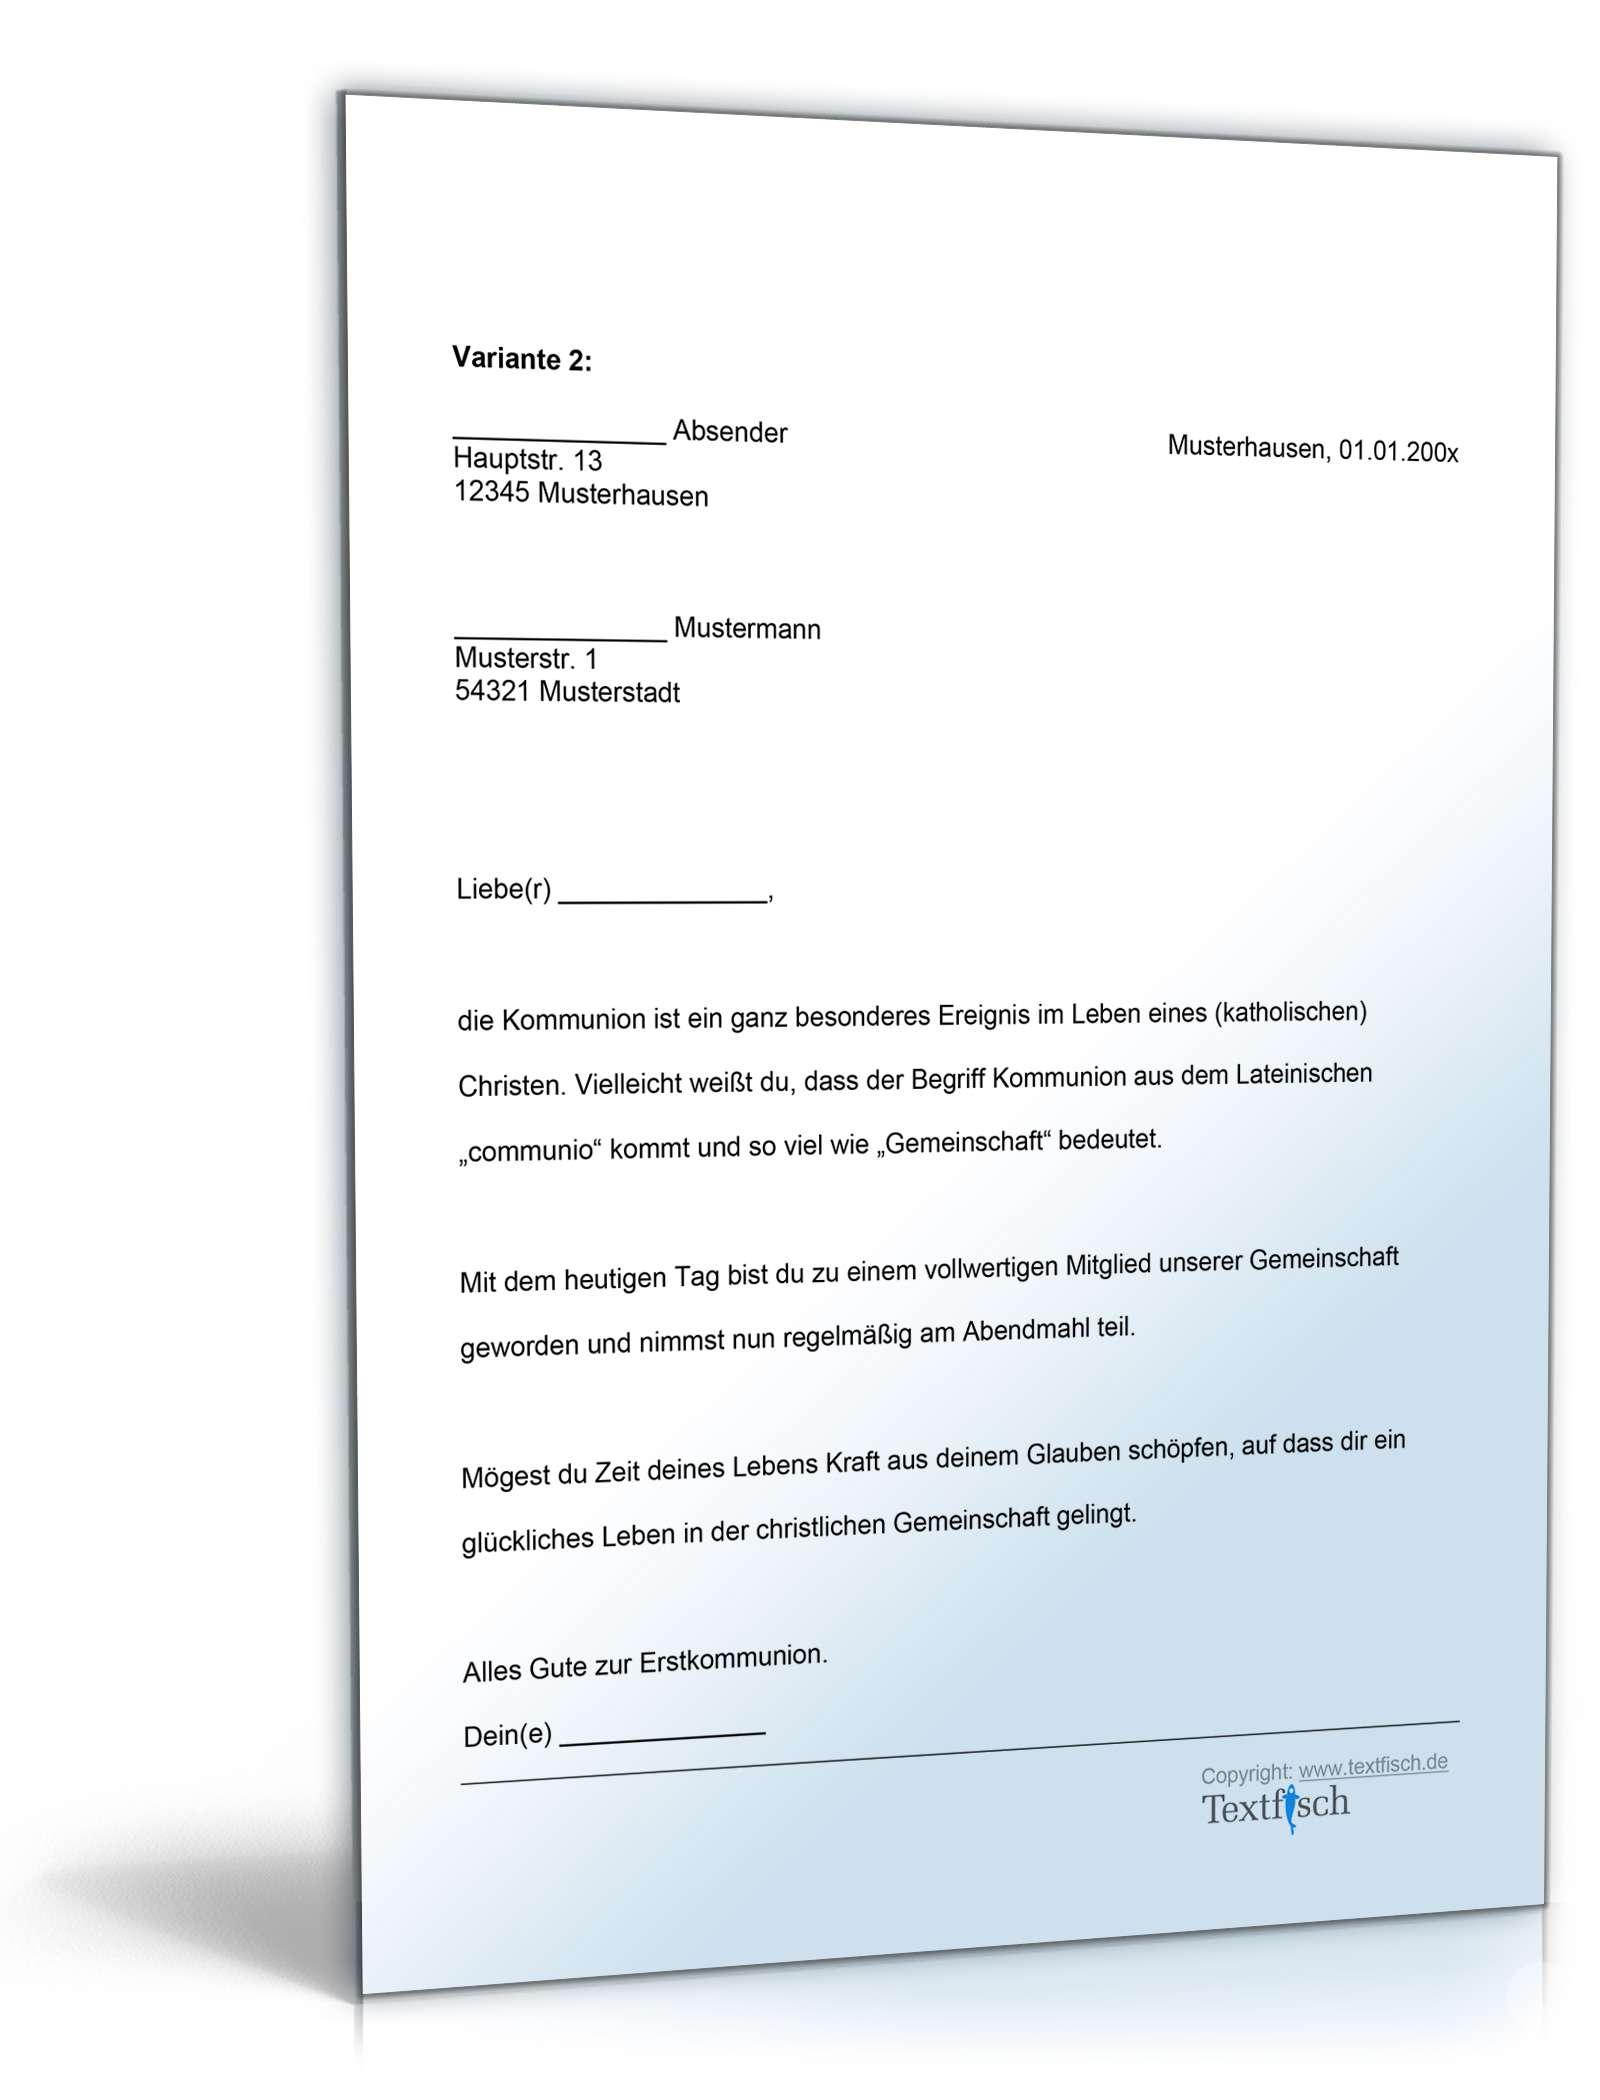 Musterbriefe Kondolenzschreiben : Gratulation kommunion vorlage zum download